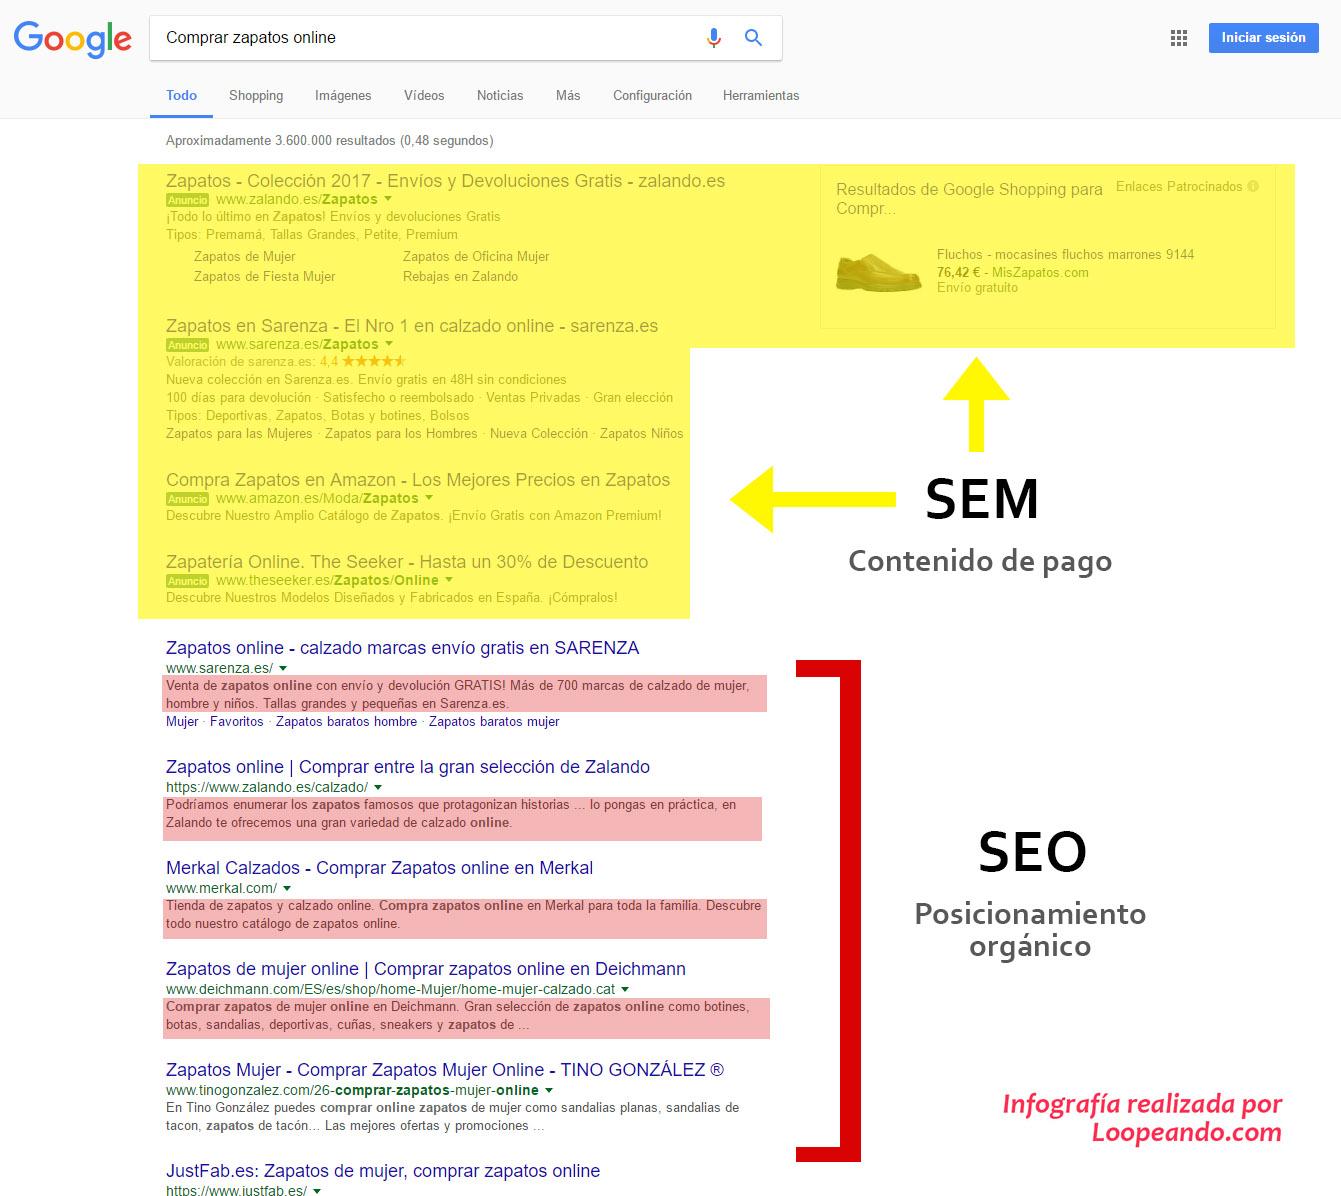 """Resultados de búsqueda de Google """"Comprar zapatos online"""".  Resultados pagados (SEM) y orgánicos (SEO).  Los índices están resaltados en rojo."""